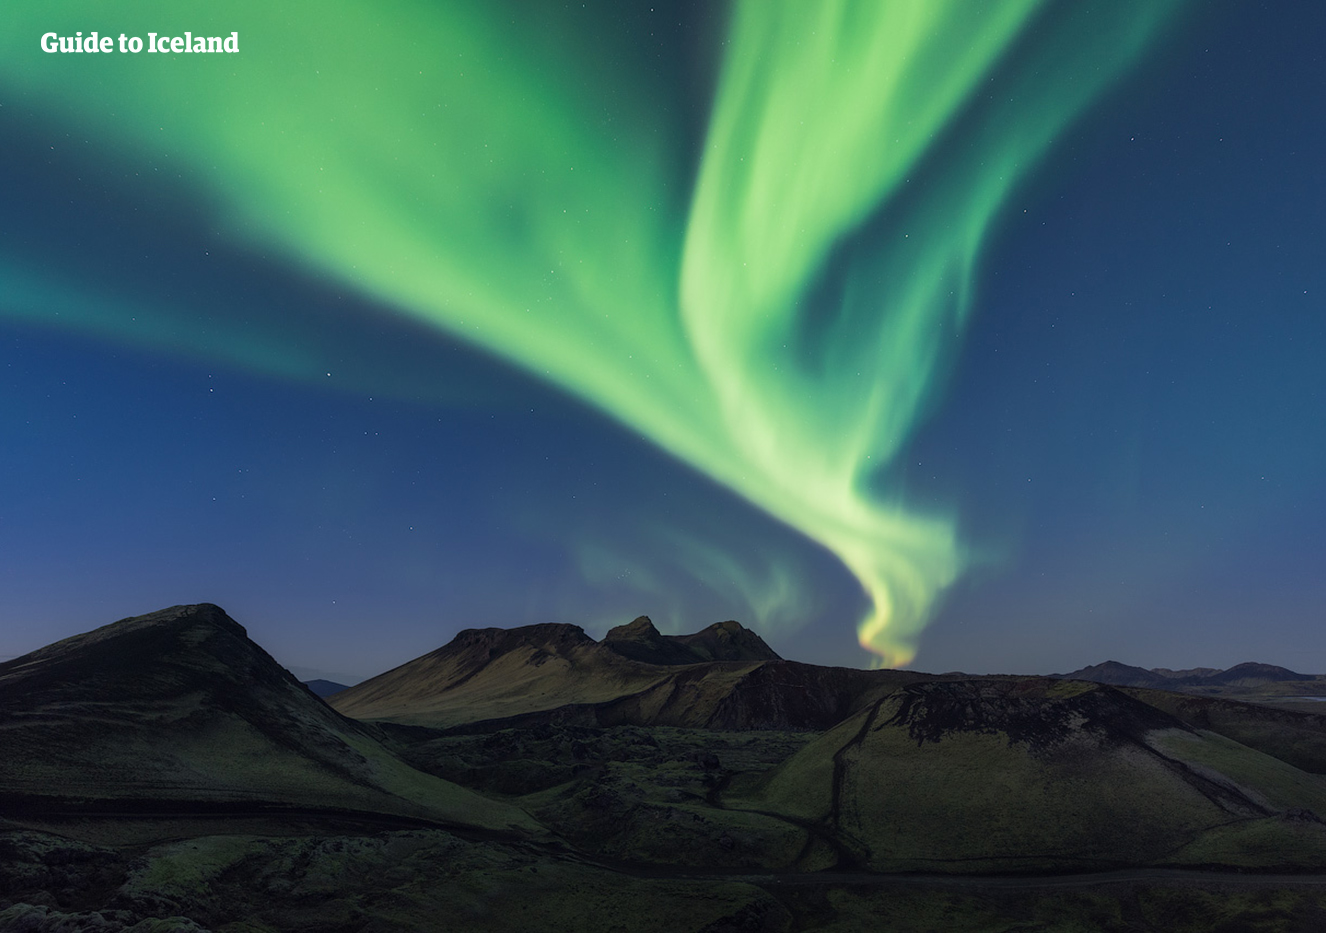 在冰岛参加极光旅行团,您有两种选择:极光巴士团或极光船游,您都将有机会领略到极光的灿烂舞动。